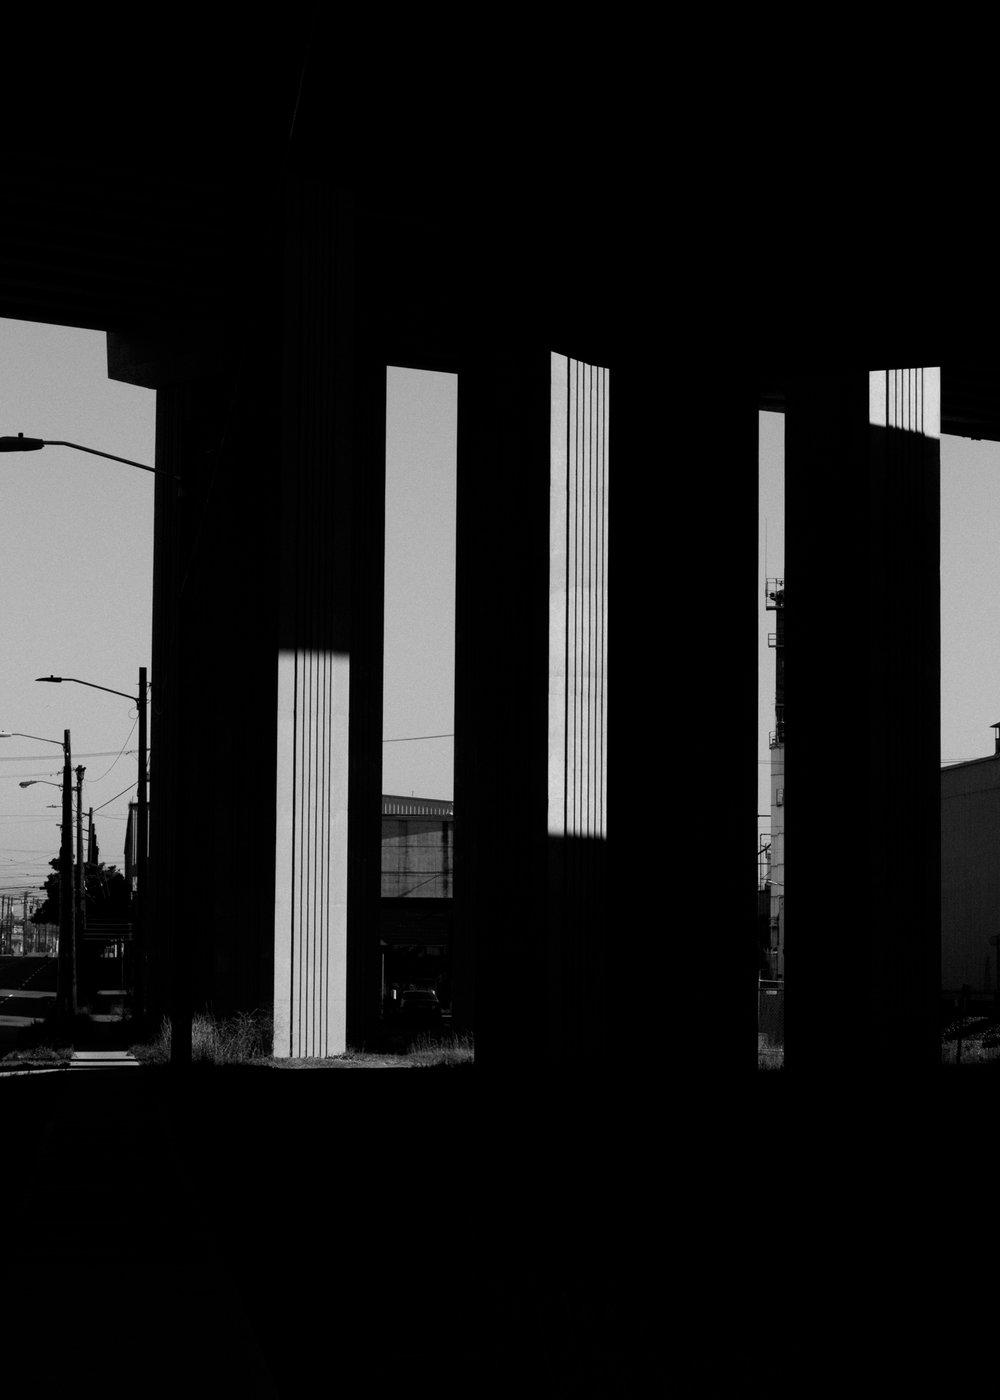 beneaththebridge-7.jpg